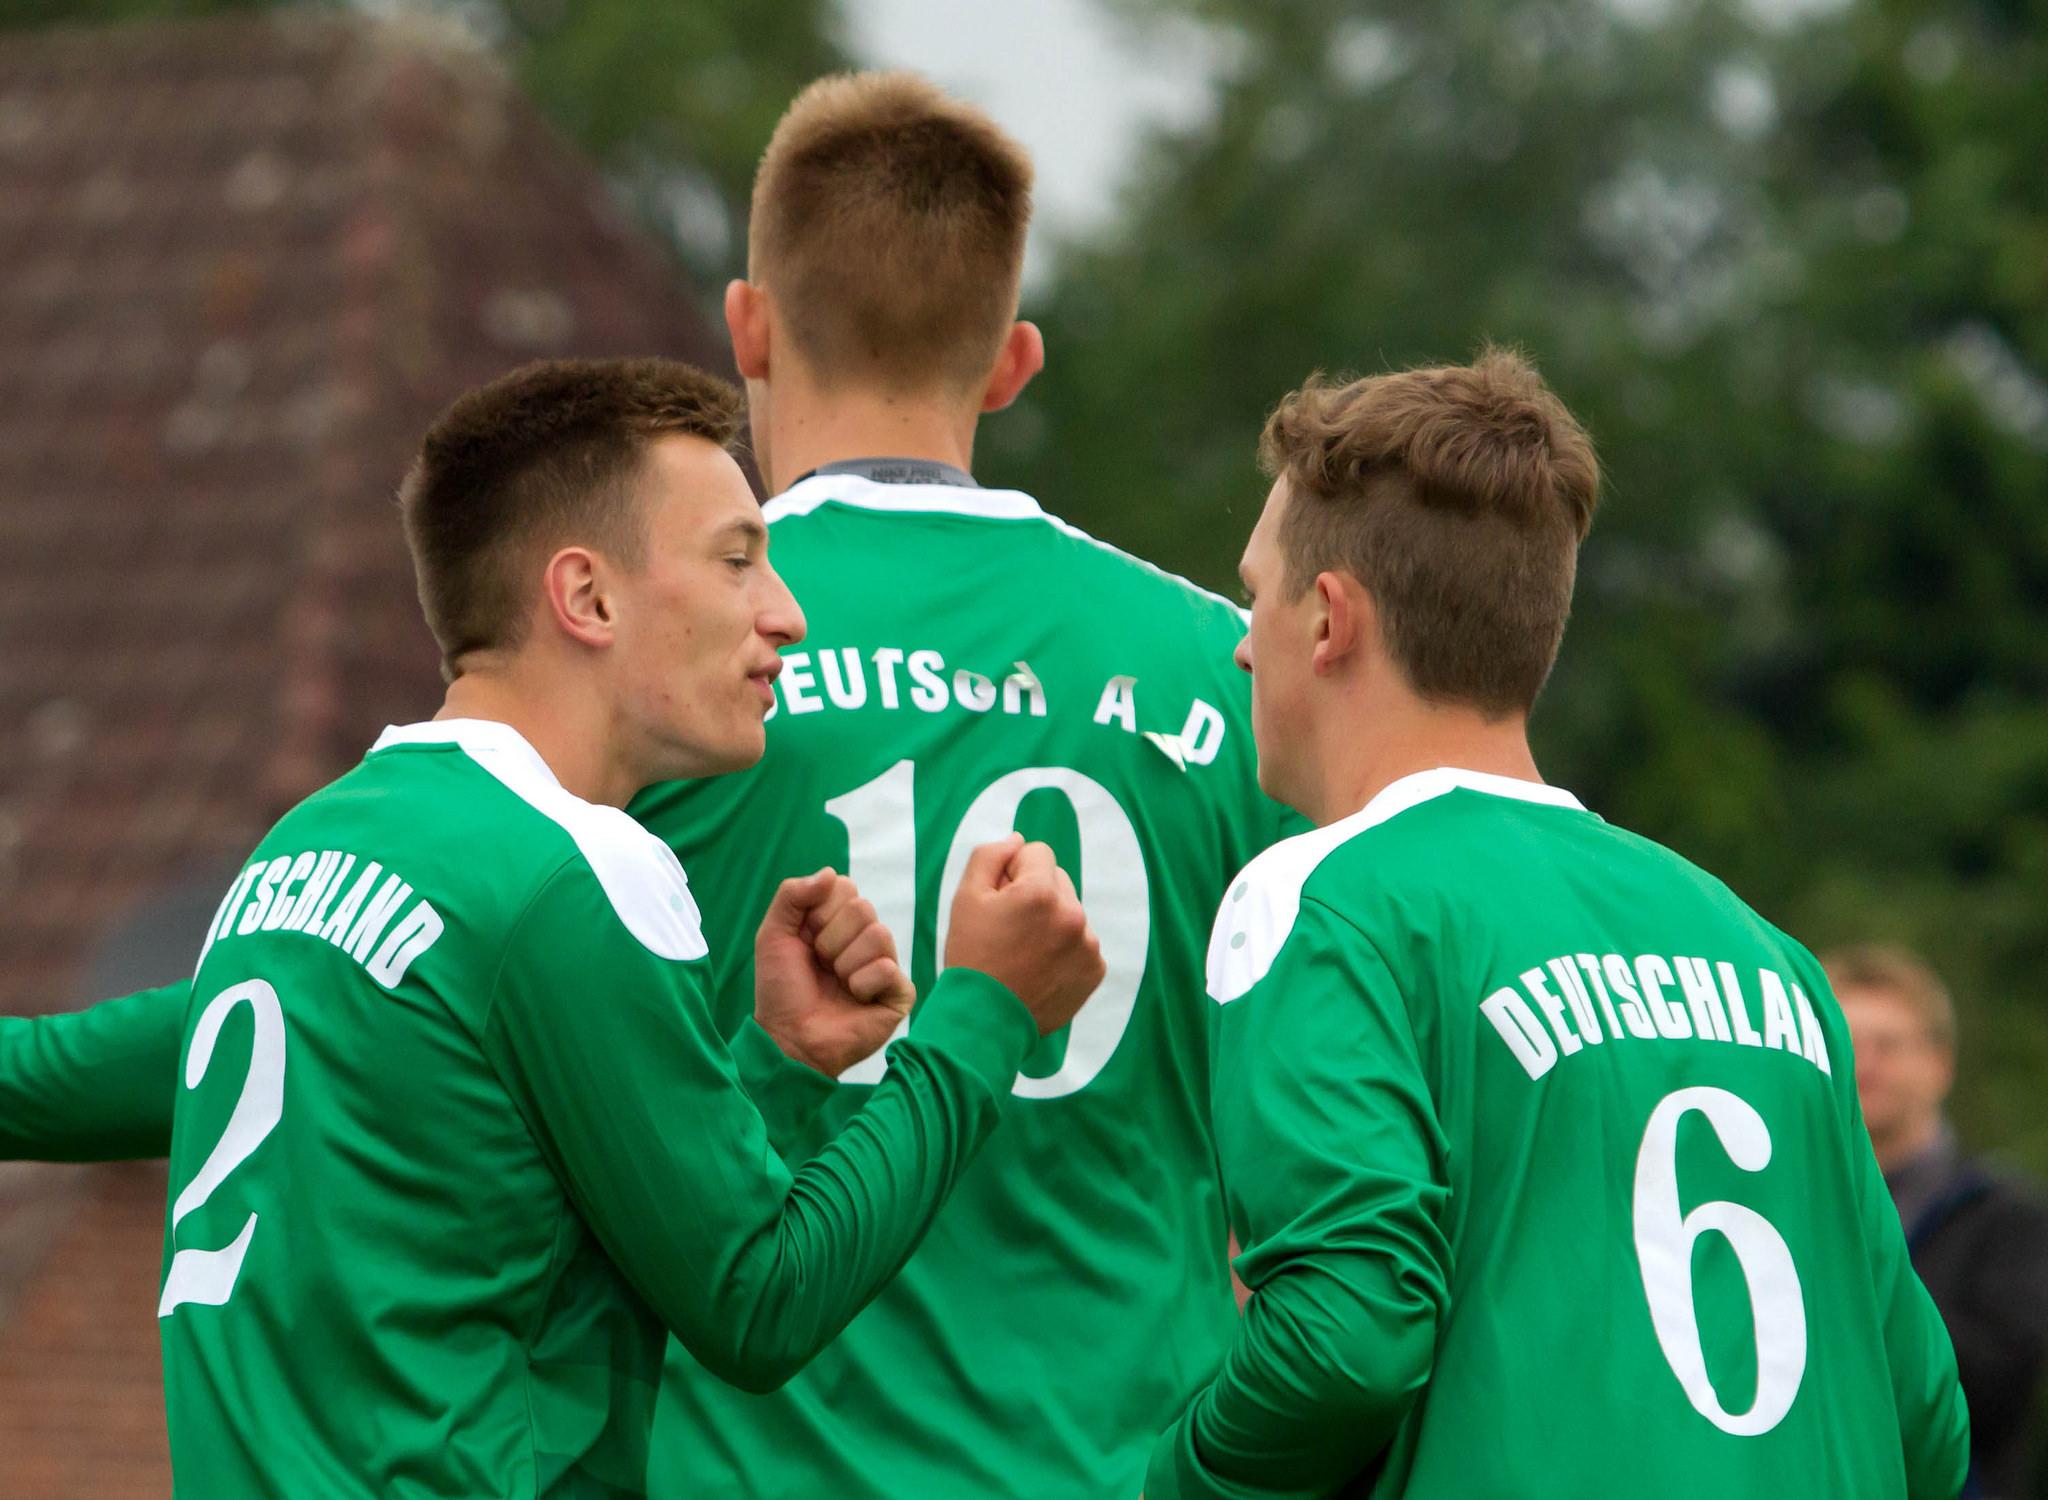 Die U18-WM steigt vom 20. bis 24. Juli in Eibach. (Foto: faustballbilder.de/Kadgien)